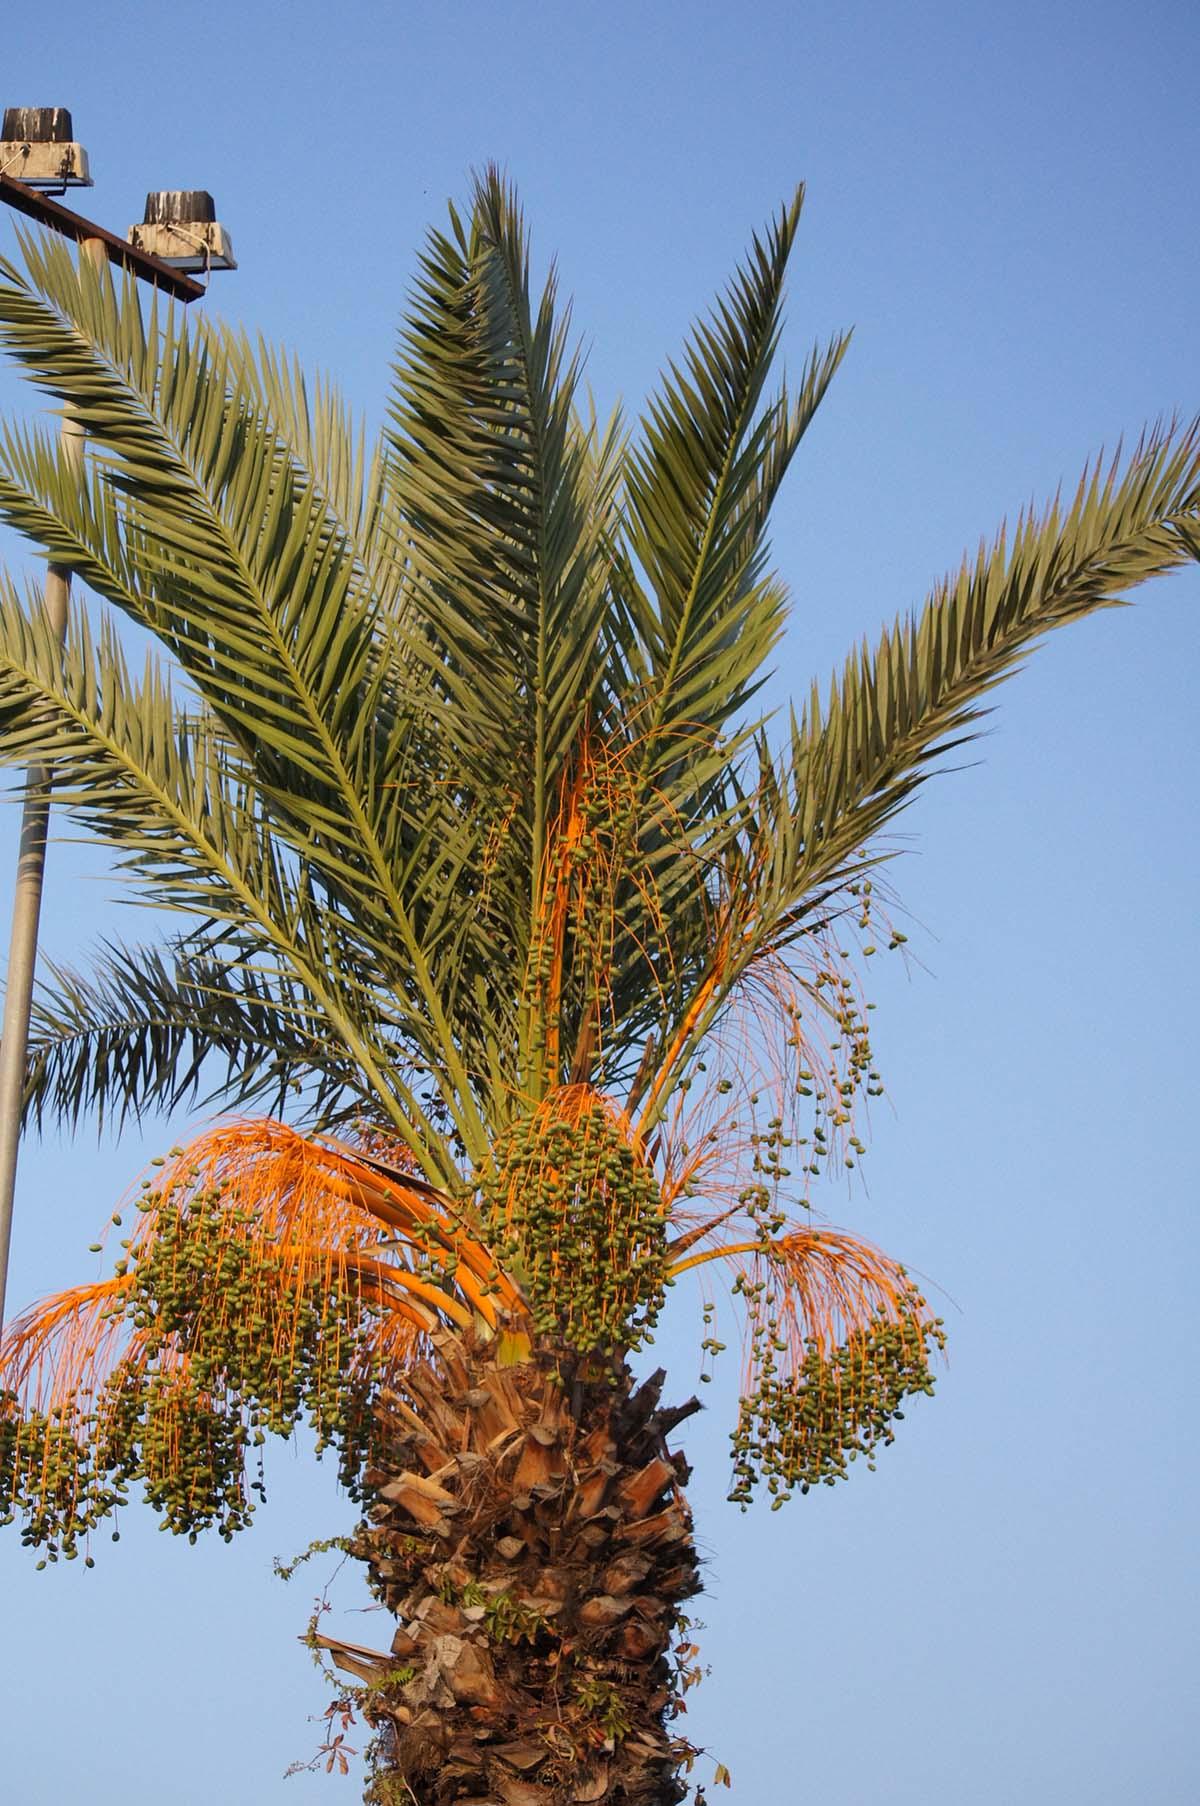 Пальма под солнцем. Отель St. George. Paphos.